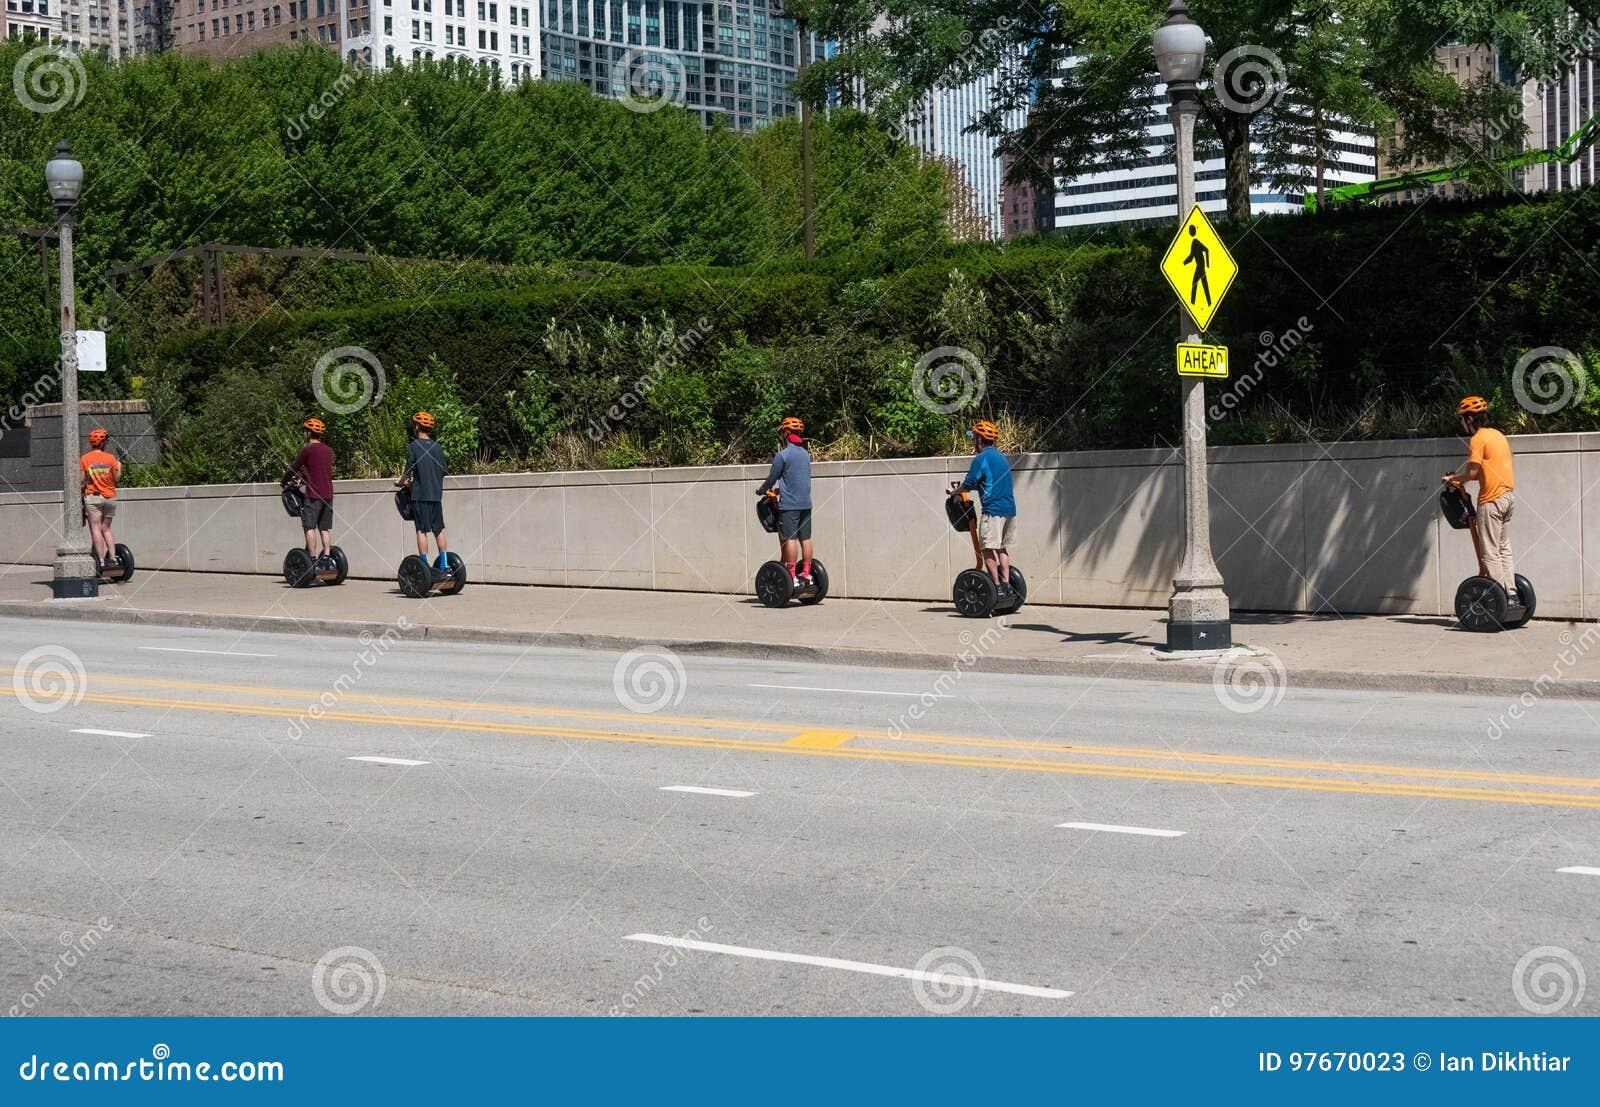 Touristes sur des seagways montant par une rue de Chicago